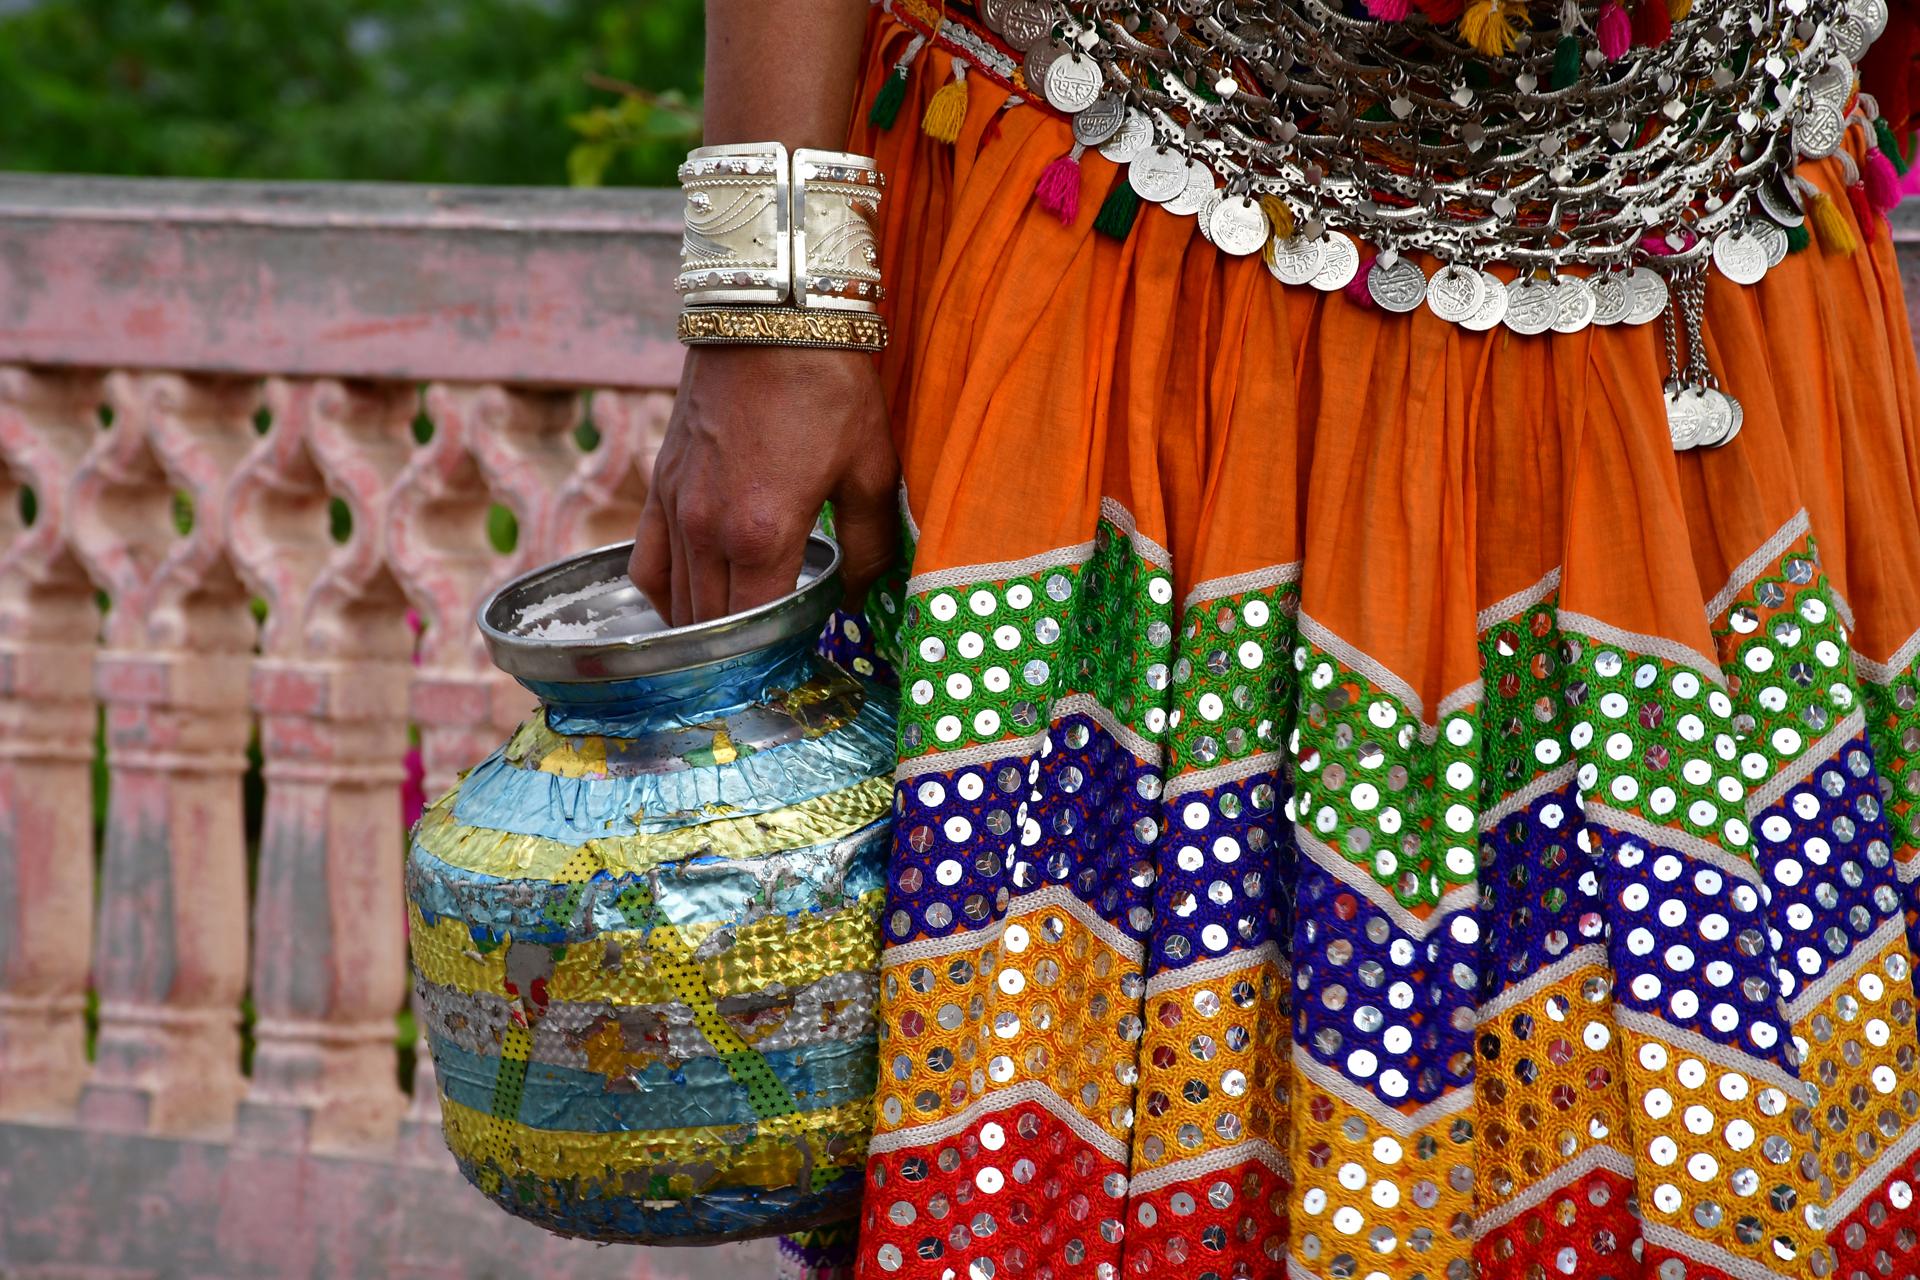 הודו - יואל שתרוג - נערה עם כד - אדמה יוצרת - yoel sitruk